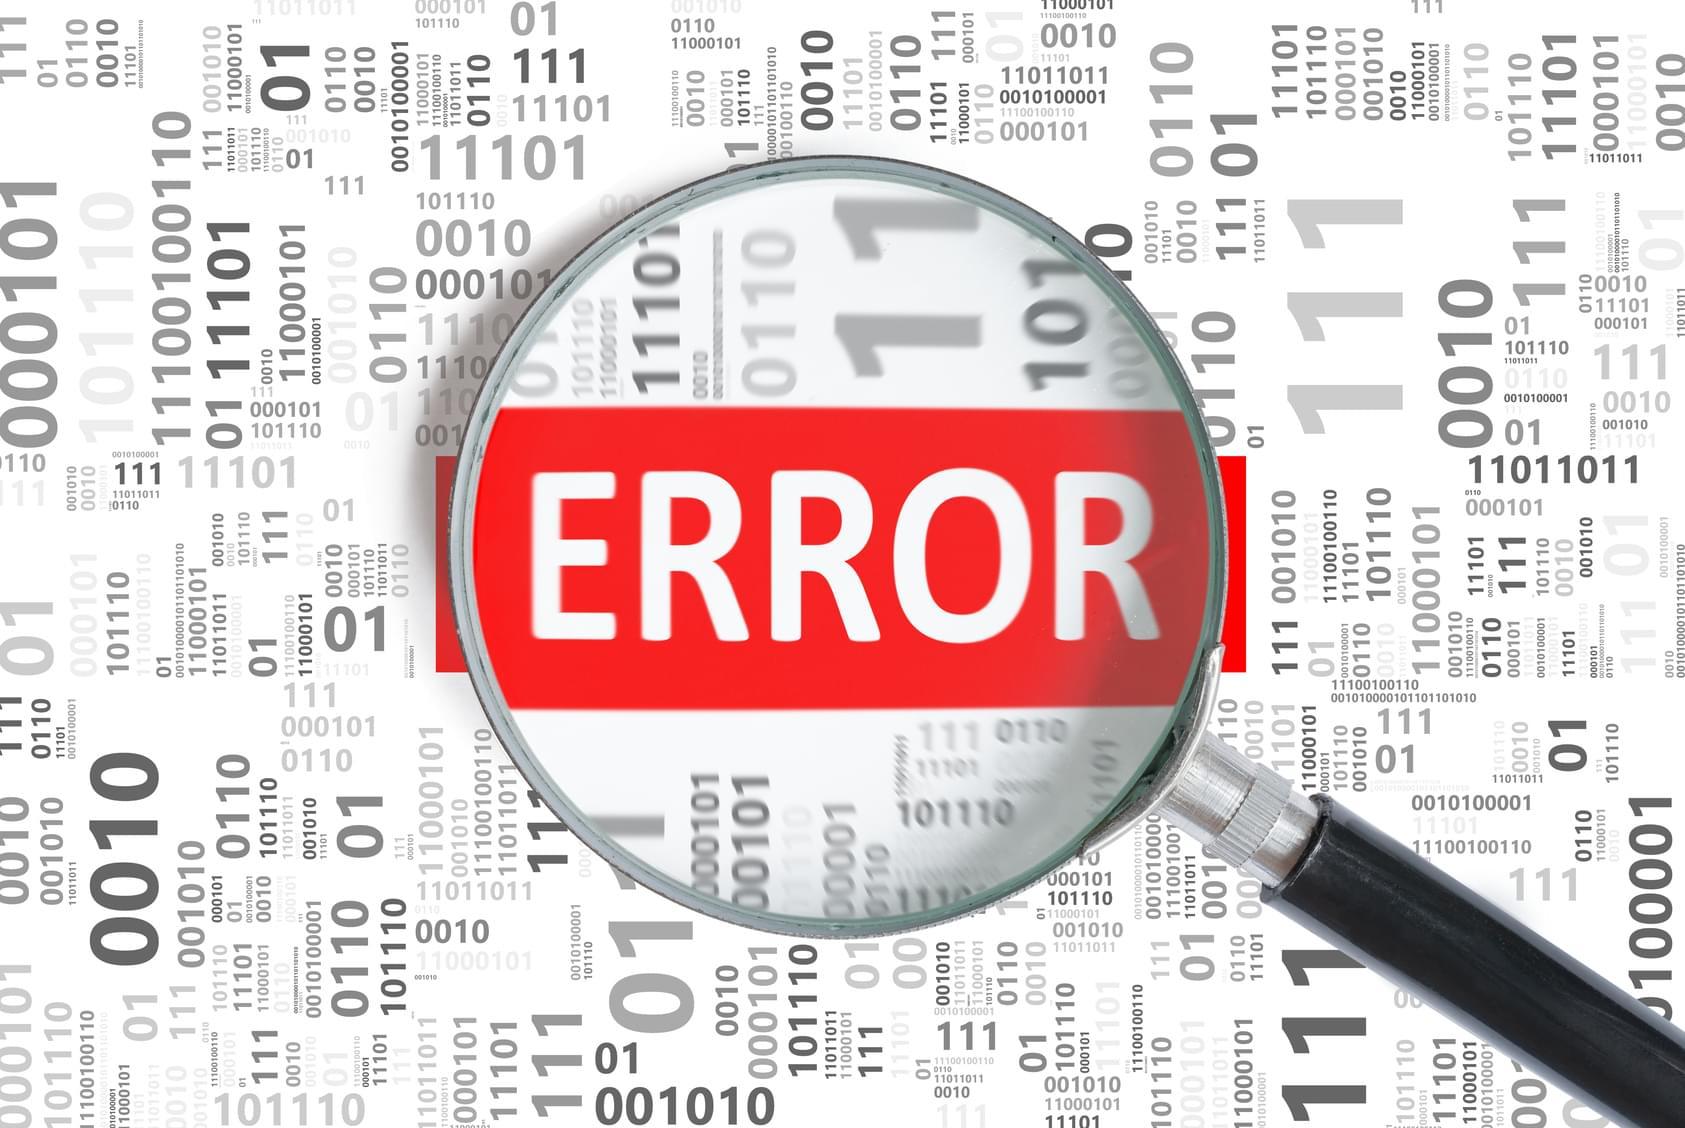 Error Prevention in UI tips (1)